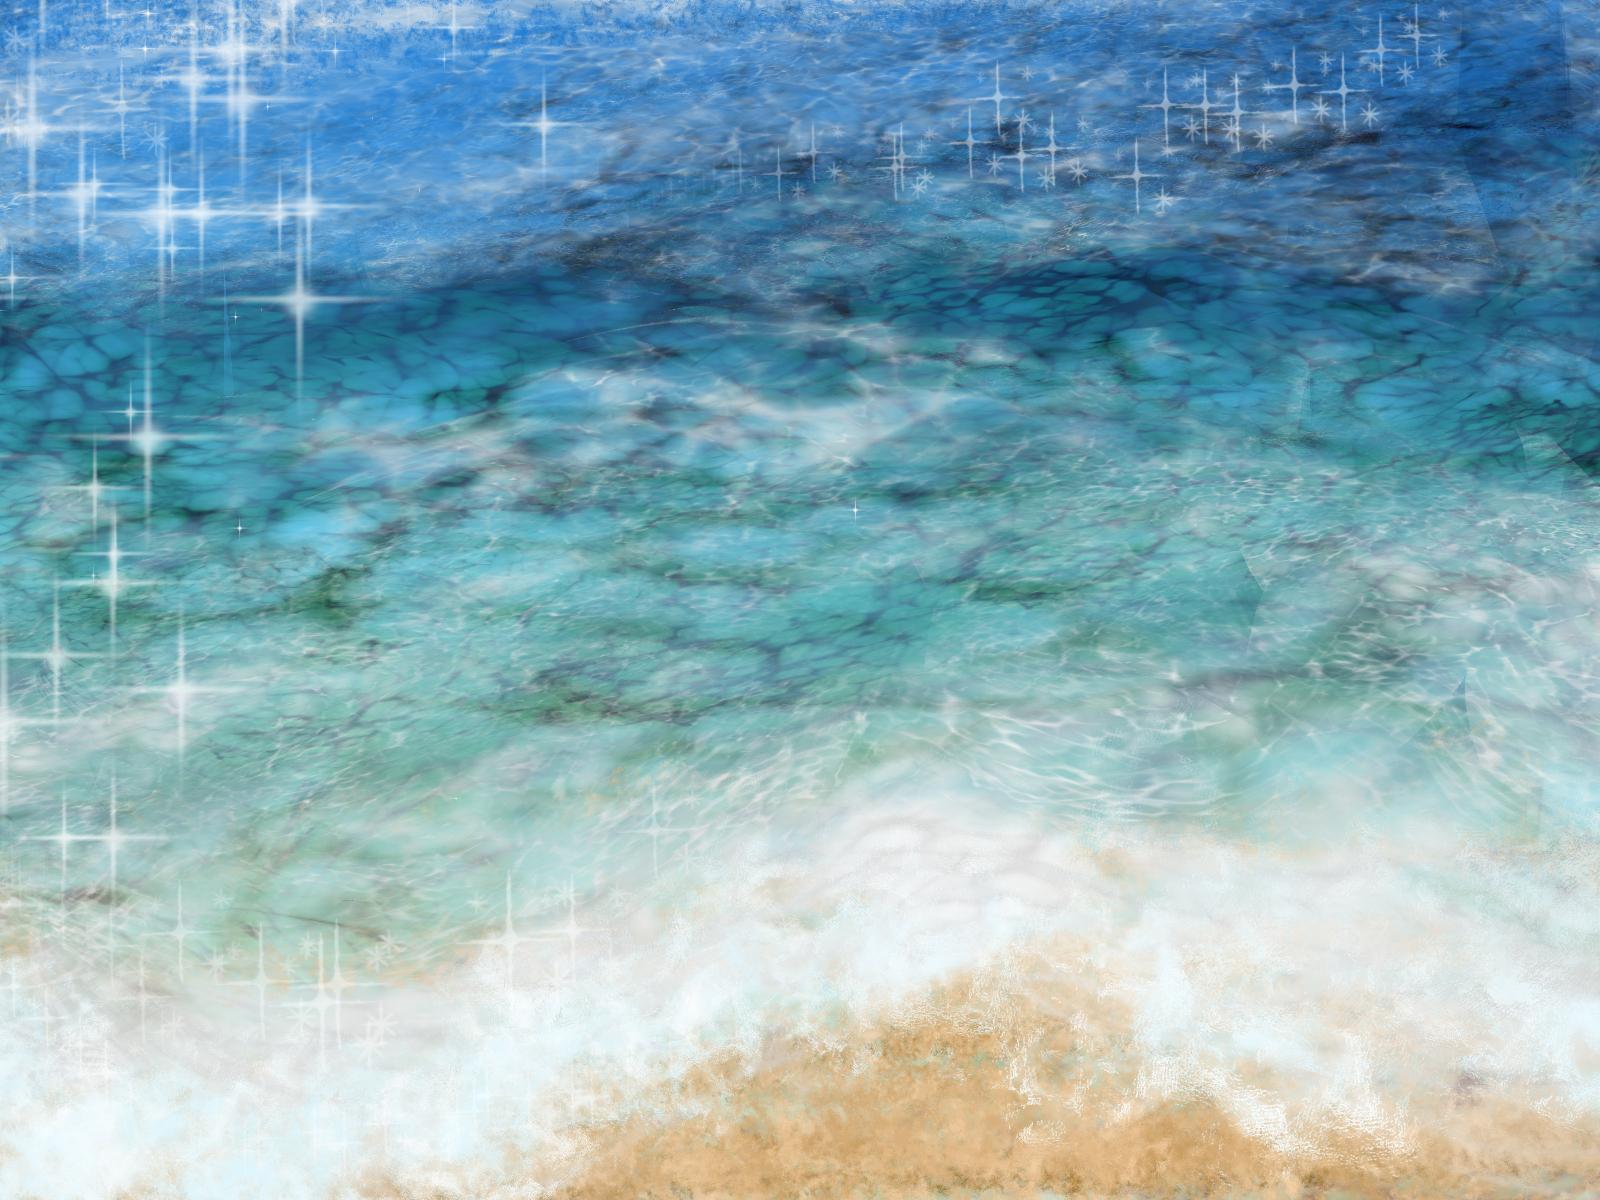 硫黄島の心霊体験と幽霊の話〜実話です〜